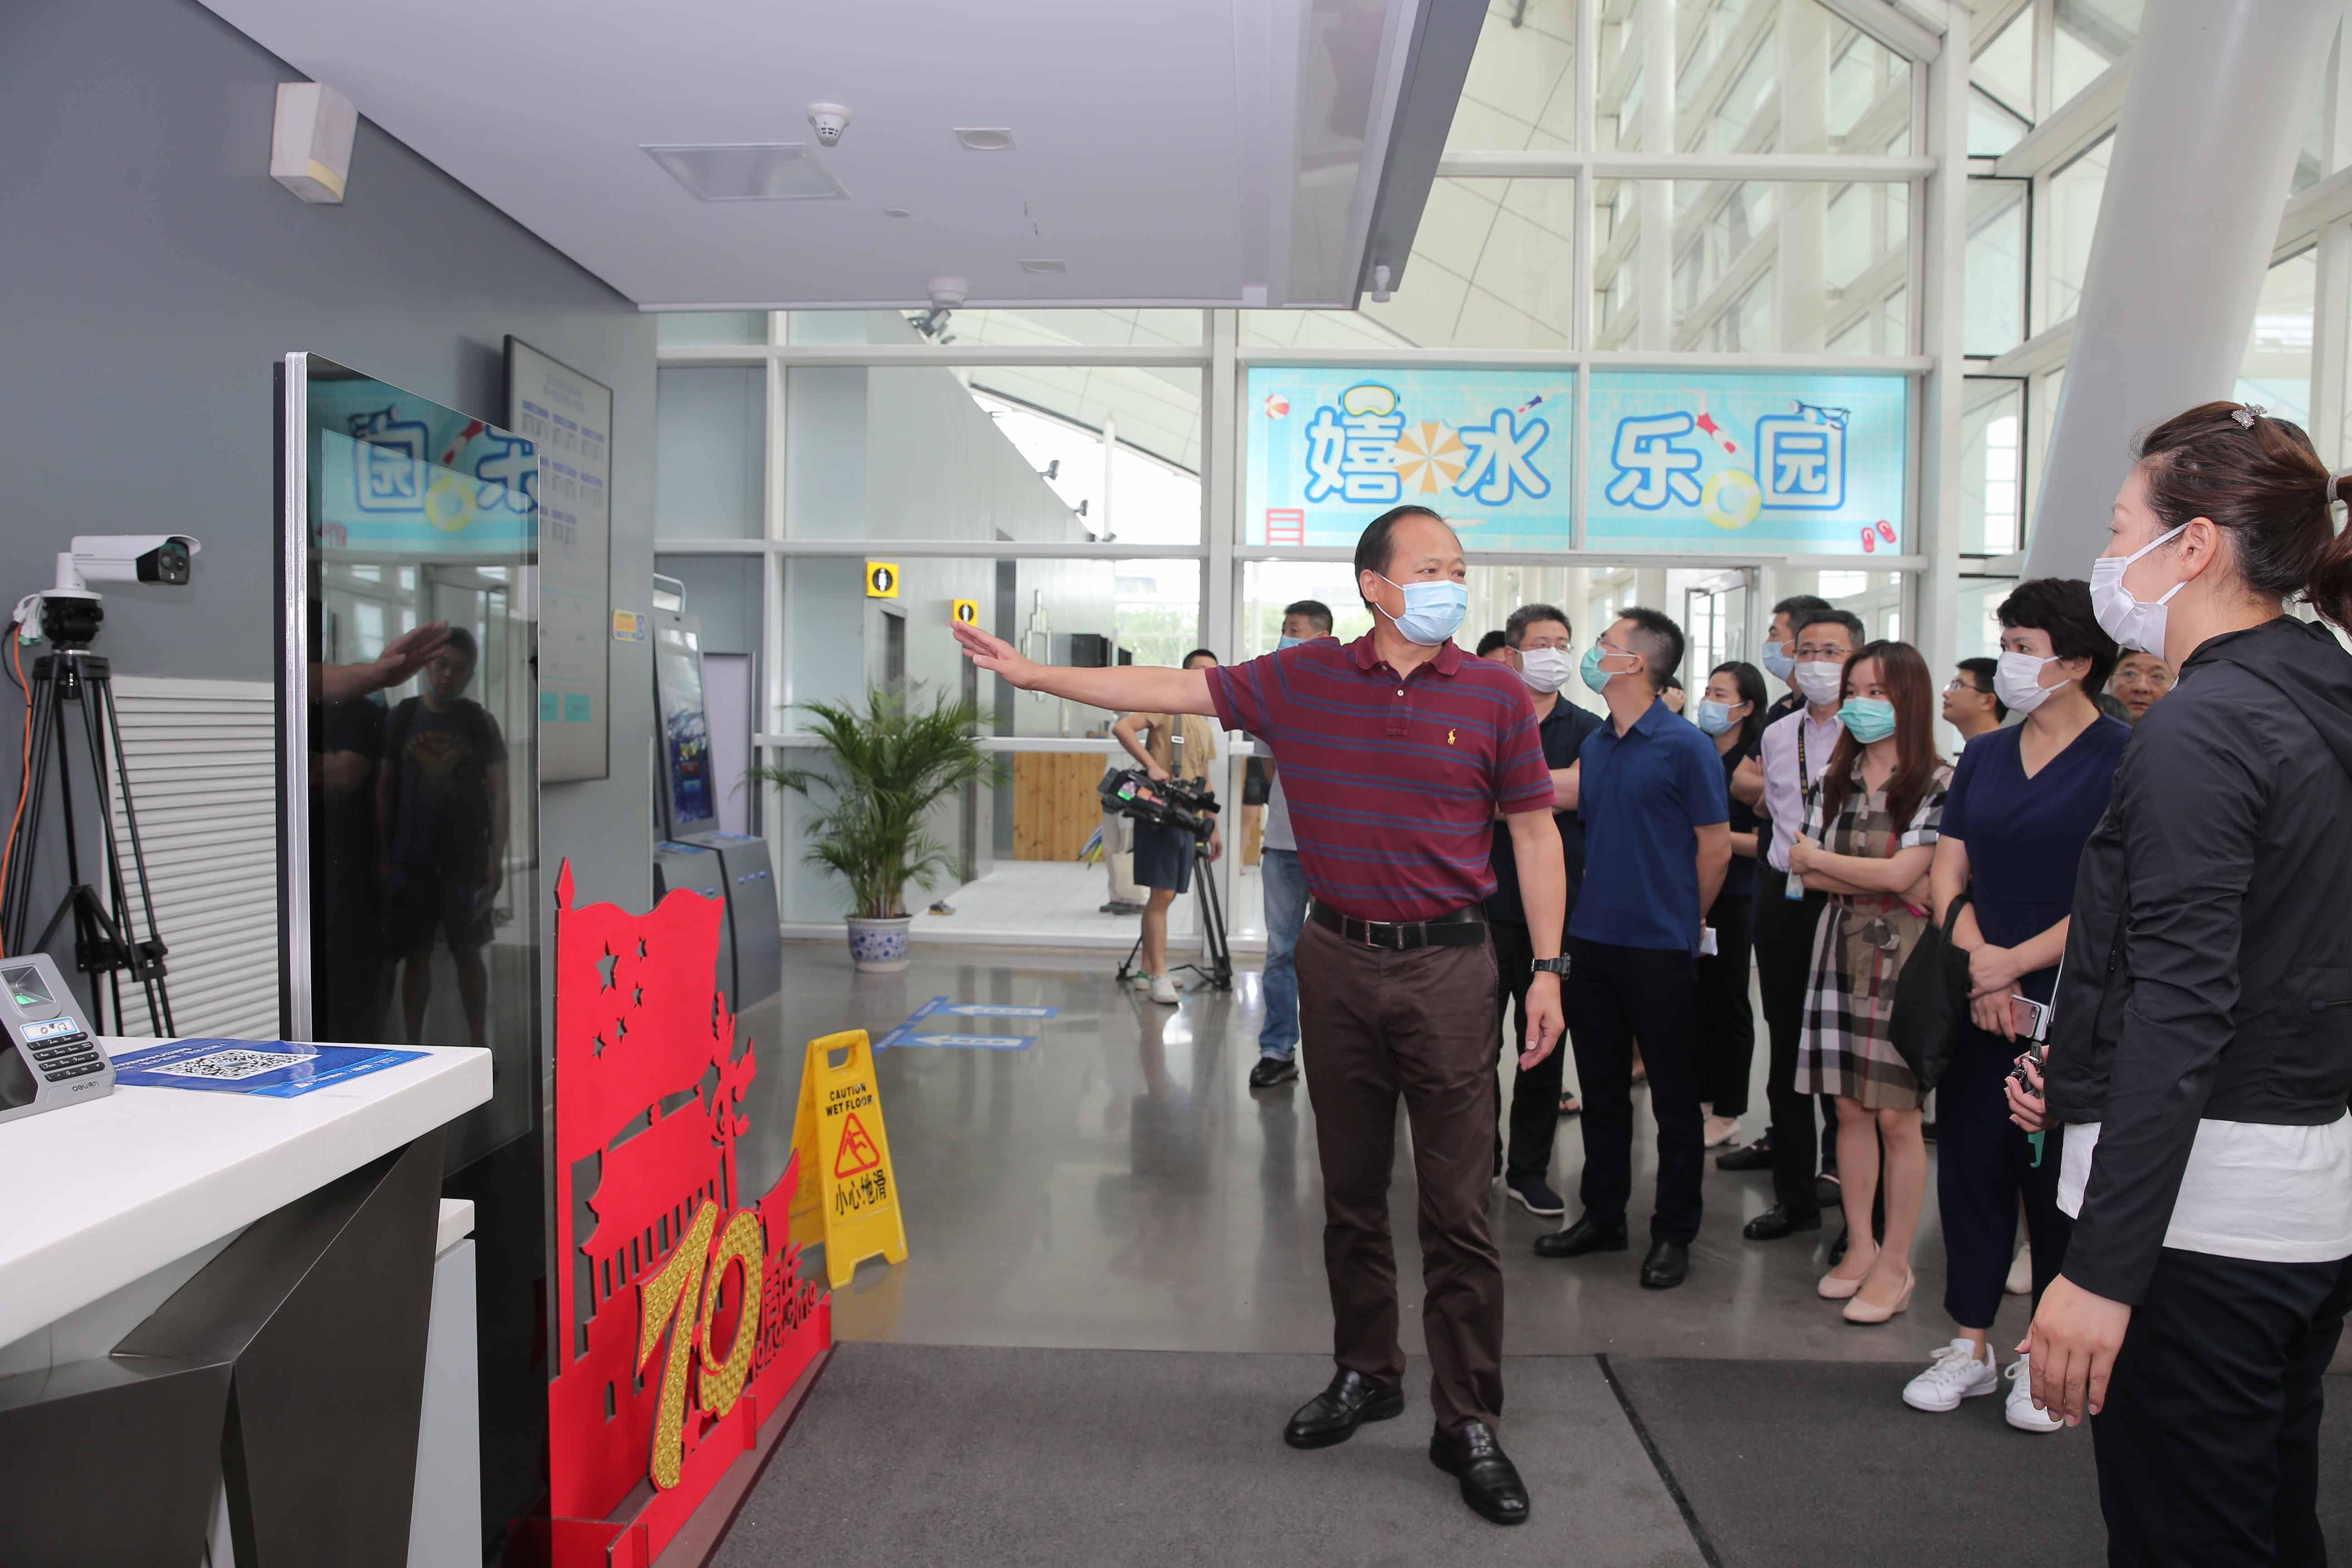 691家游泳场所开放,上海体育开展游泳安全检查工作